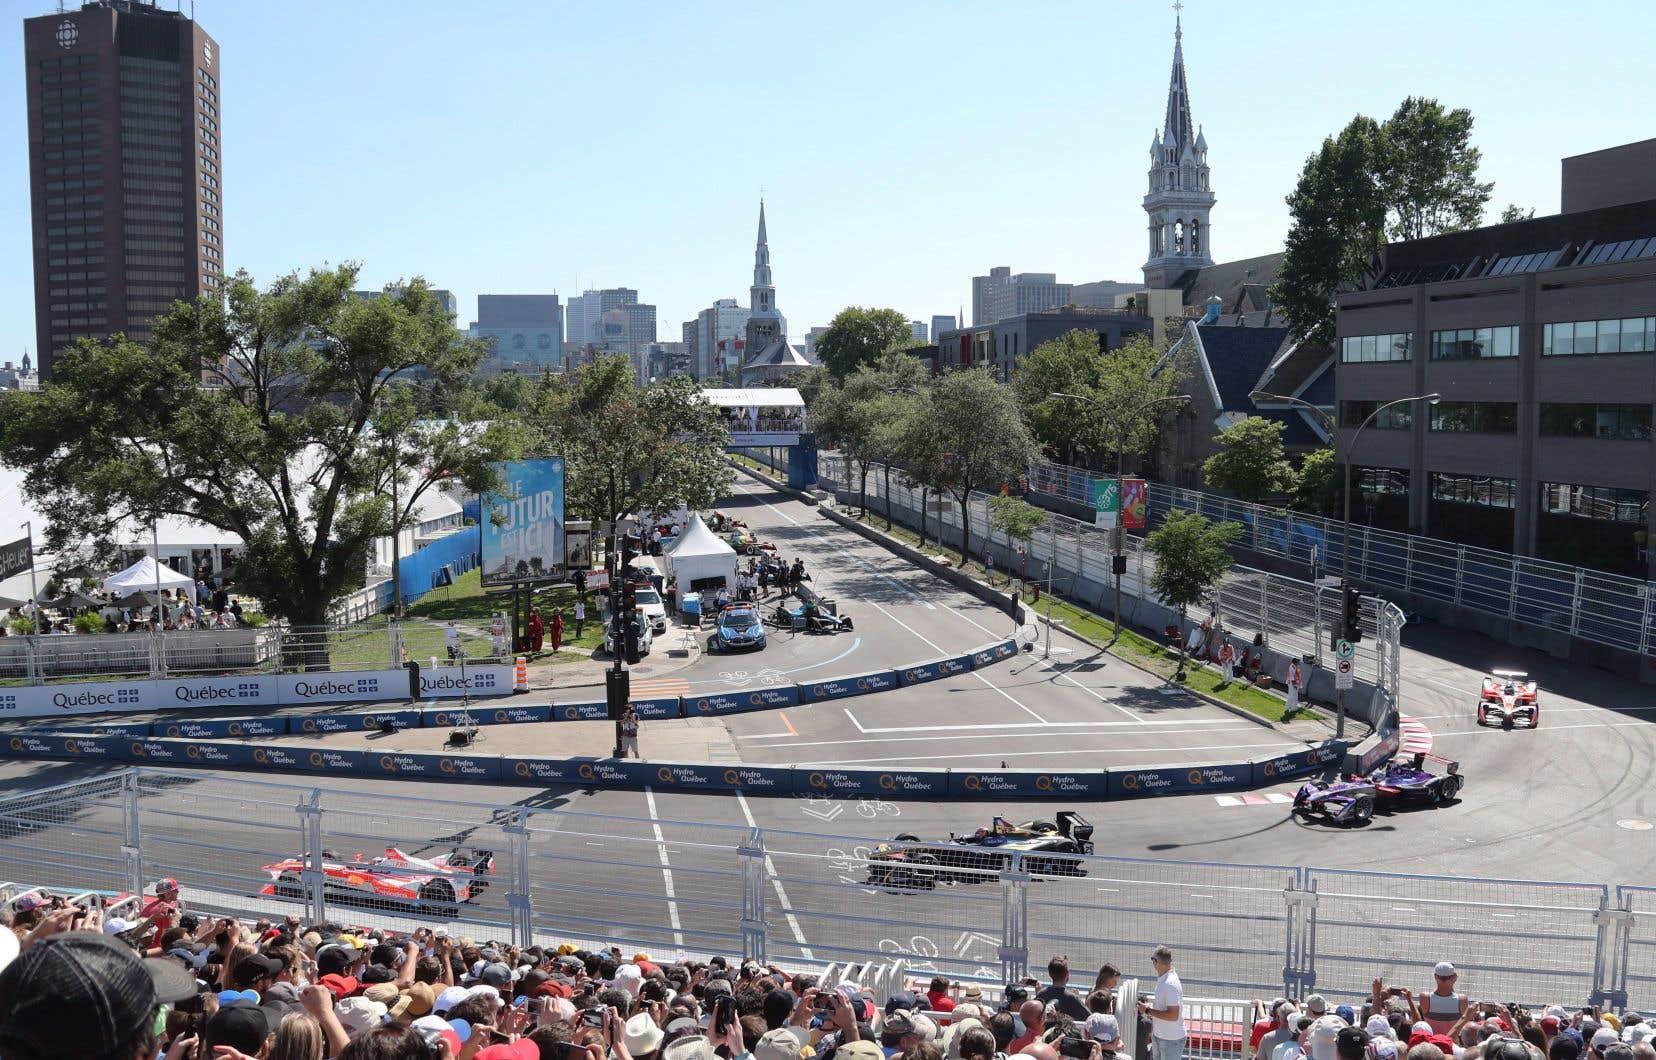 La Formule E ne reviendra pas à Montréal, l'administration Plante ayant décidé de mettre fin au contrat en raison des coûts élevés.